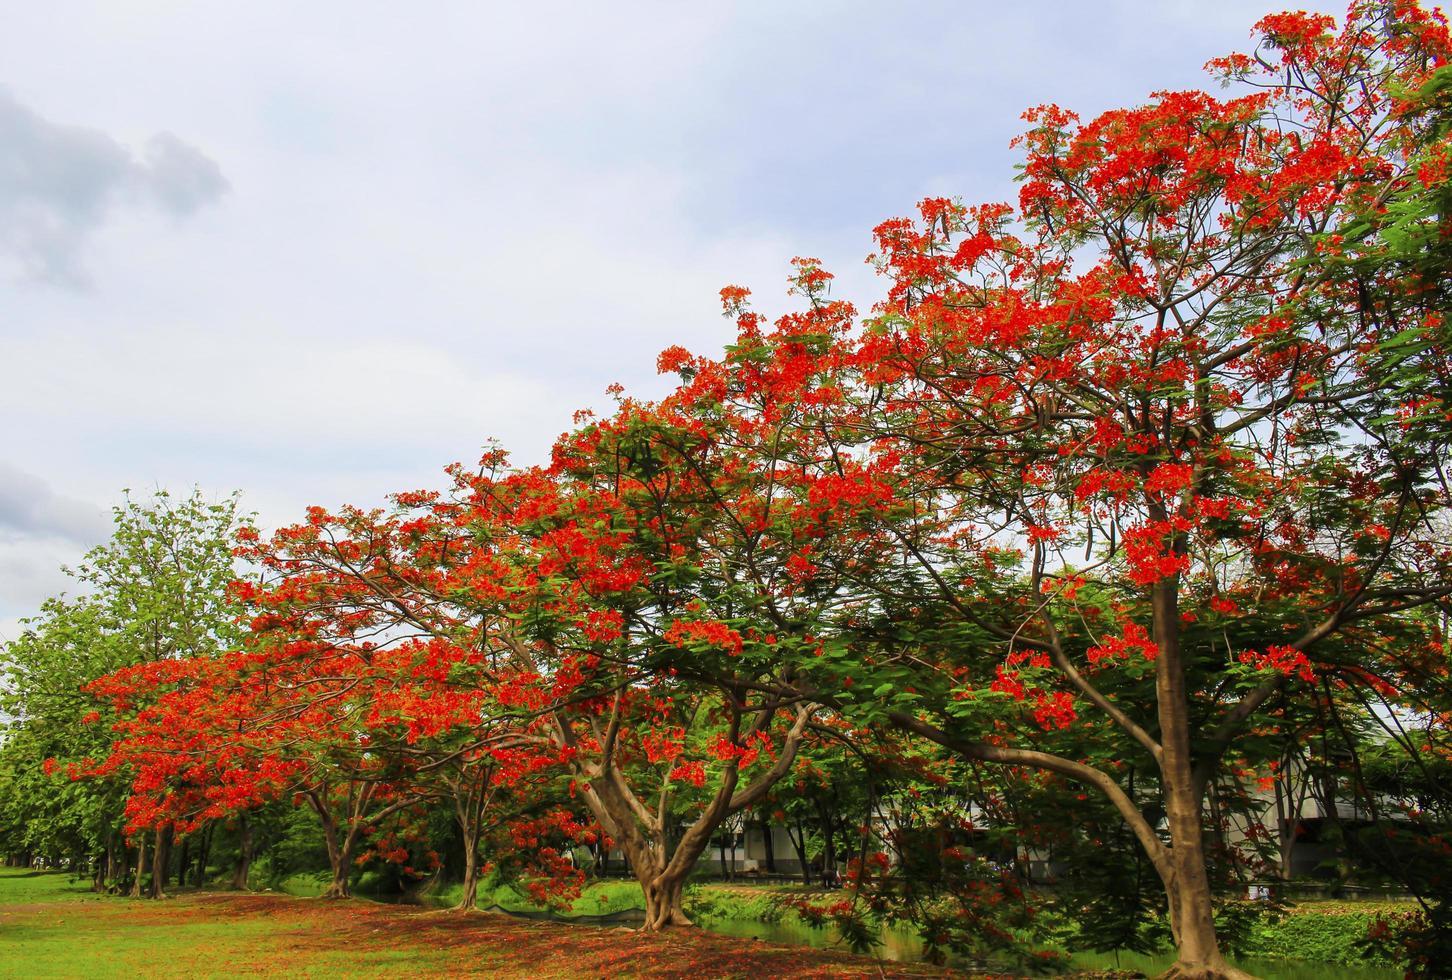 fiori rossi sugli alberi foto